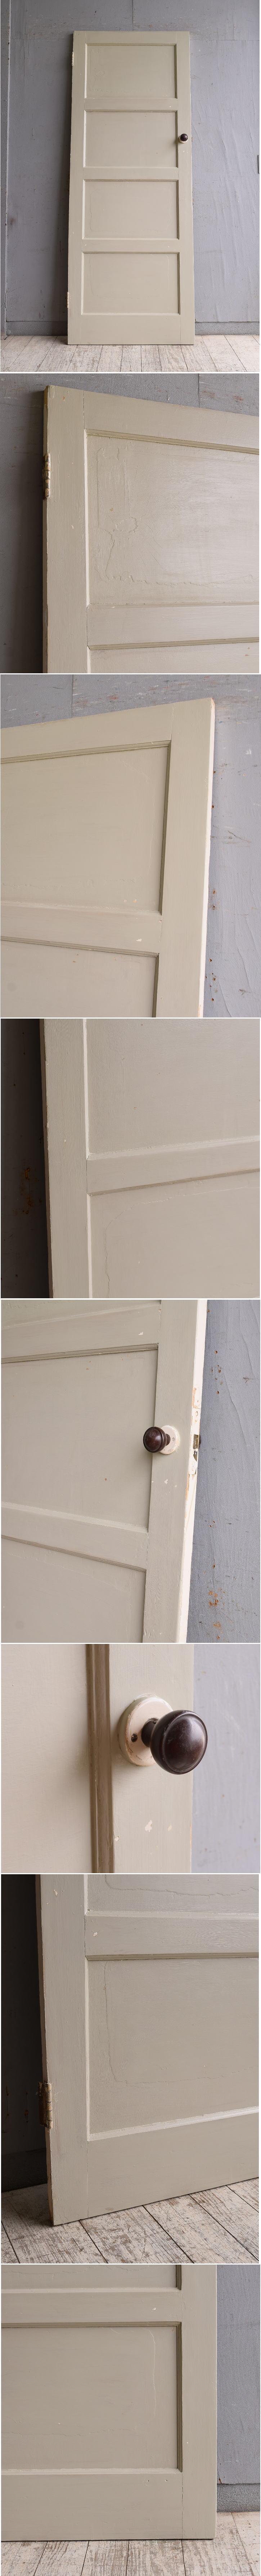 イギリス アンティーク ドア 扉 建具 10067